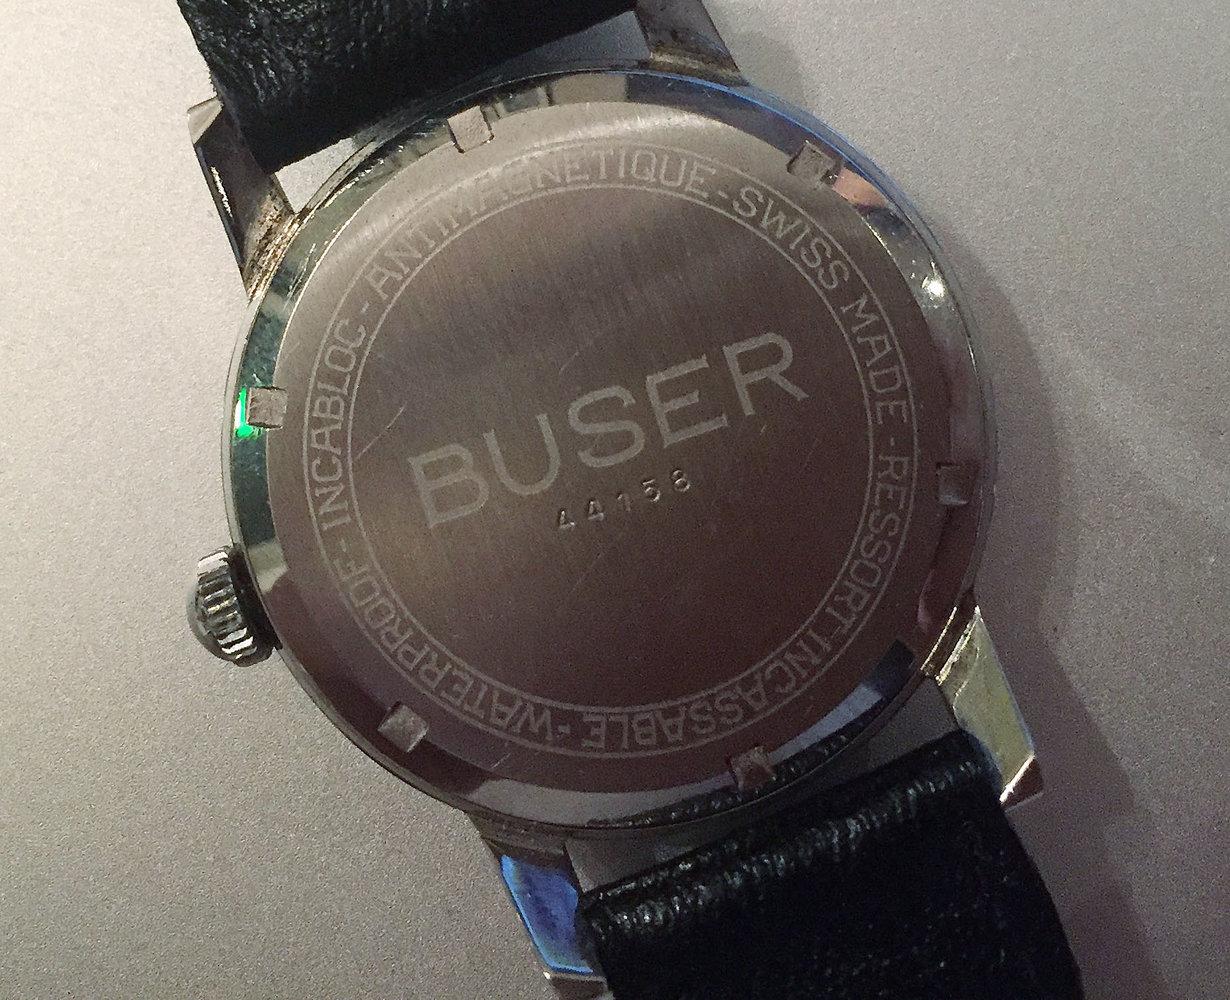 buser caseback.jpg